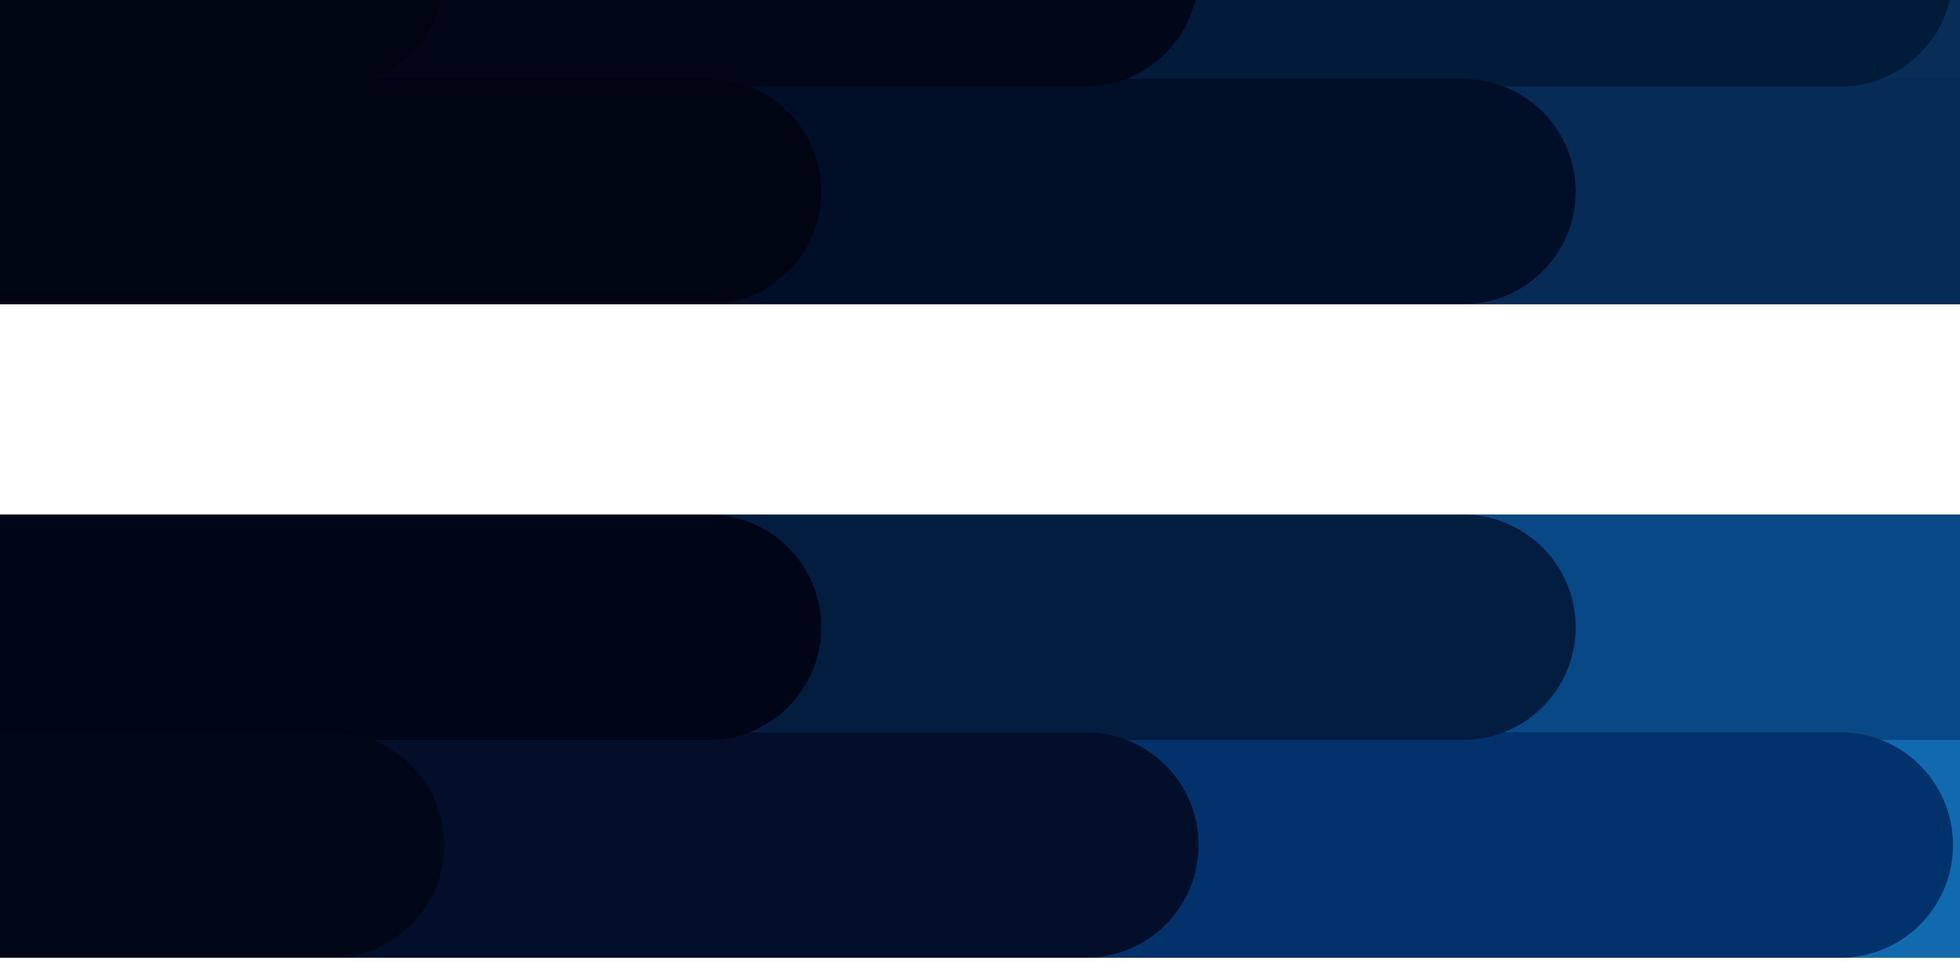 padrão de vetor azul escuro com linhas.